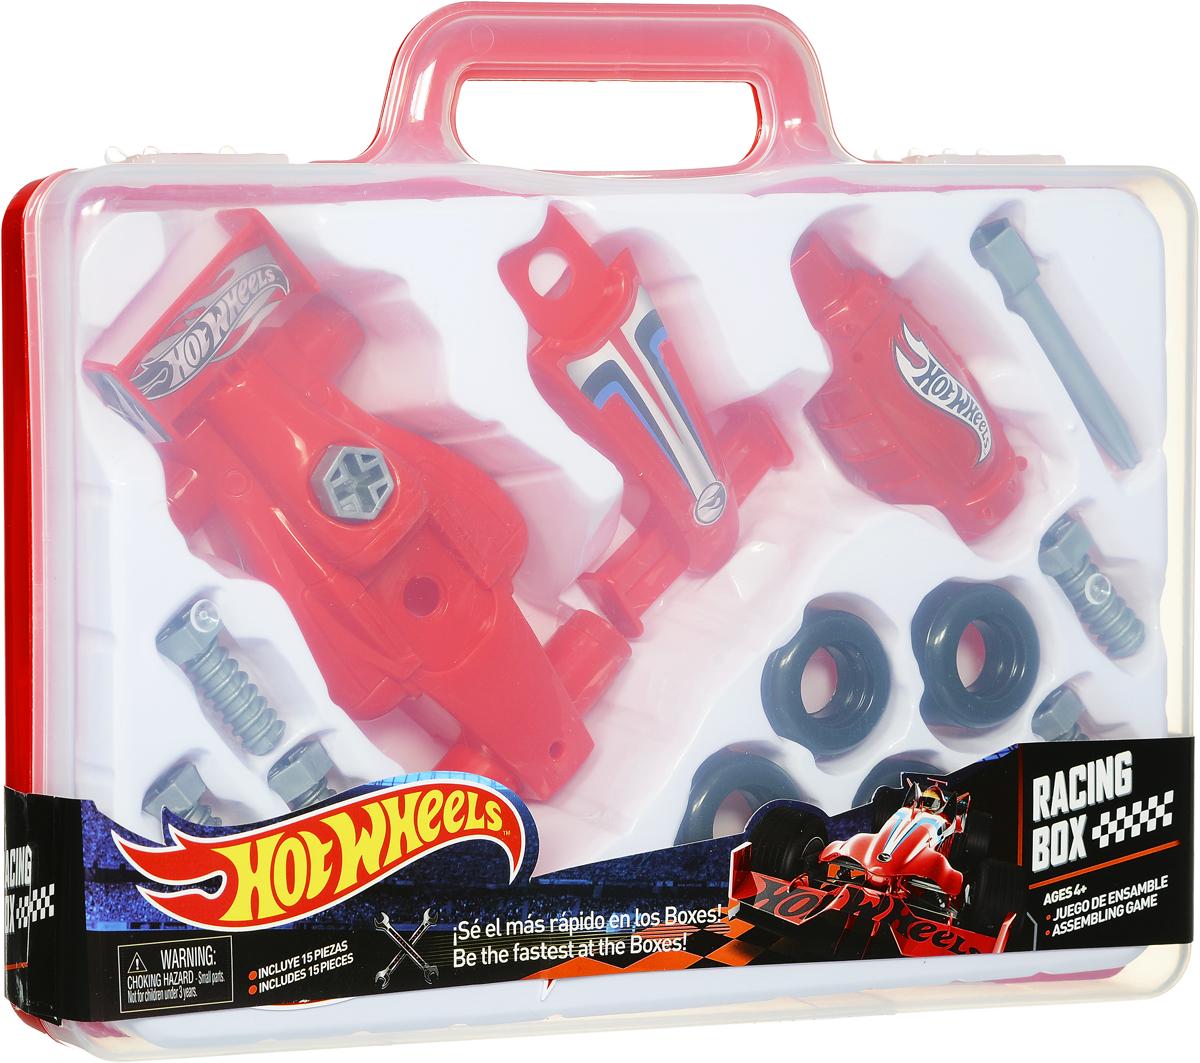 Corpa Игровой набор Юный механик Hot Wheels в чемоданчикеHW225Игровой набор Corpa Юный механик Hot Wheels позволит вашему малышу почувствовать себя настоящим механиком и погрузиться в удивительный мир техники и конструирования! Все малыши любят разбирать игрушки и изучать, как они устроены. Этот игровой набор позволит малышу самому сначала собрать, а затем разобрать гоночную модель автомобиля. Все элементы набора изготовлены из высококачественного яркого пластика. Собранной моделью можно играть как простой машинкой. С таким набором ваш ребенок весело проведет время, играя на детской площадке или в песочнице. А процесс сборки игрушки поможет малышу развить мелкую моторику пальчиков, внимательность и усидчивость. Набор упакован в практичный пластиковый чемоданчик. Порадуйте своего малыша такой чудесной игрушкой!